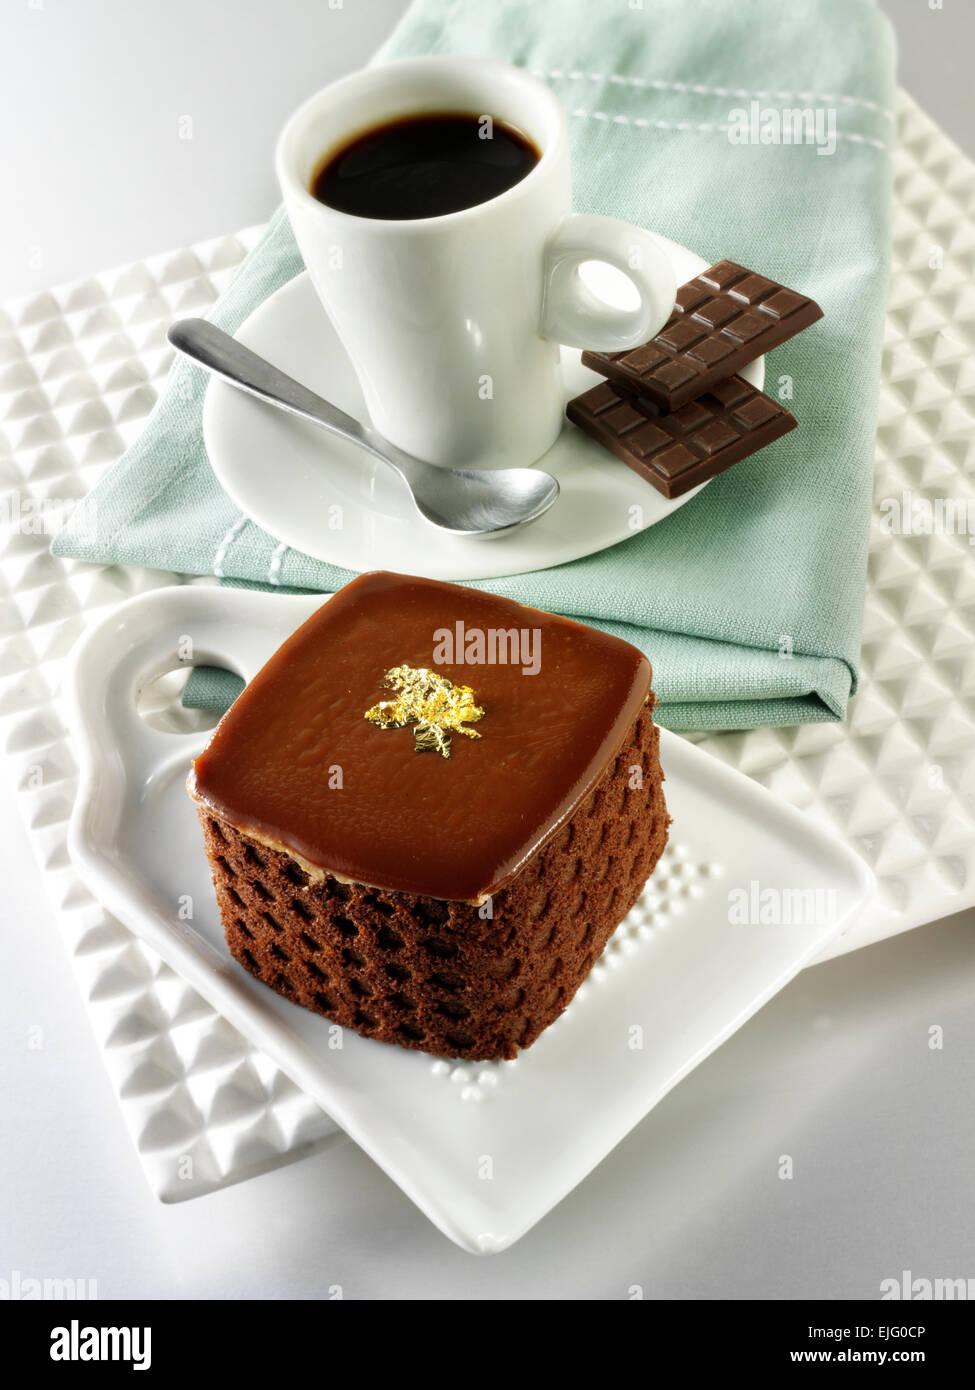 Spugna di cioccolato caso e il cioccolato ripieno Immagini Stock